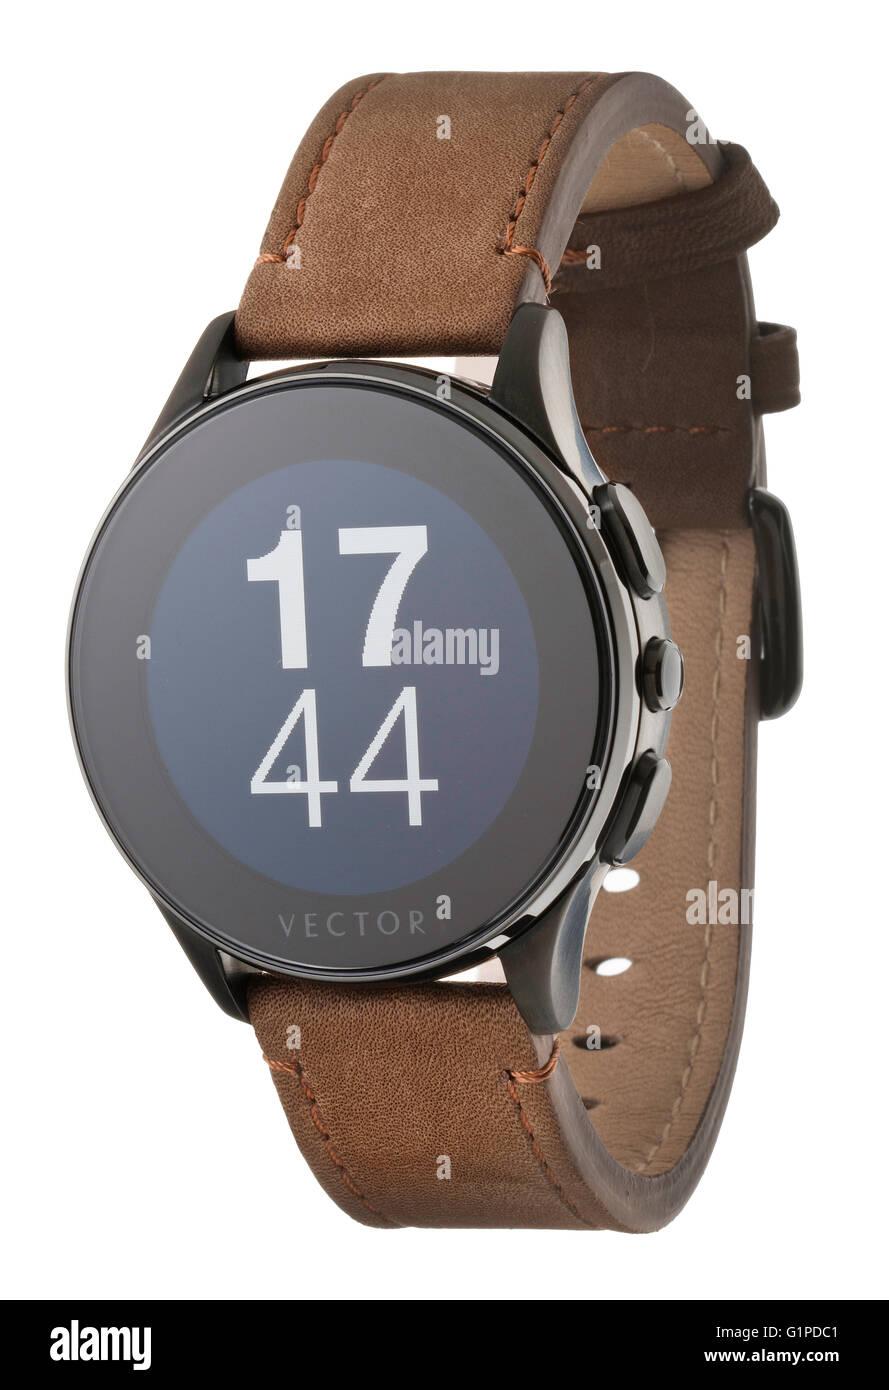 Smart Watch vecteur Luna Photo Stock